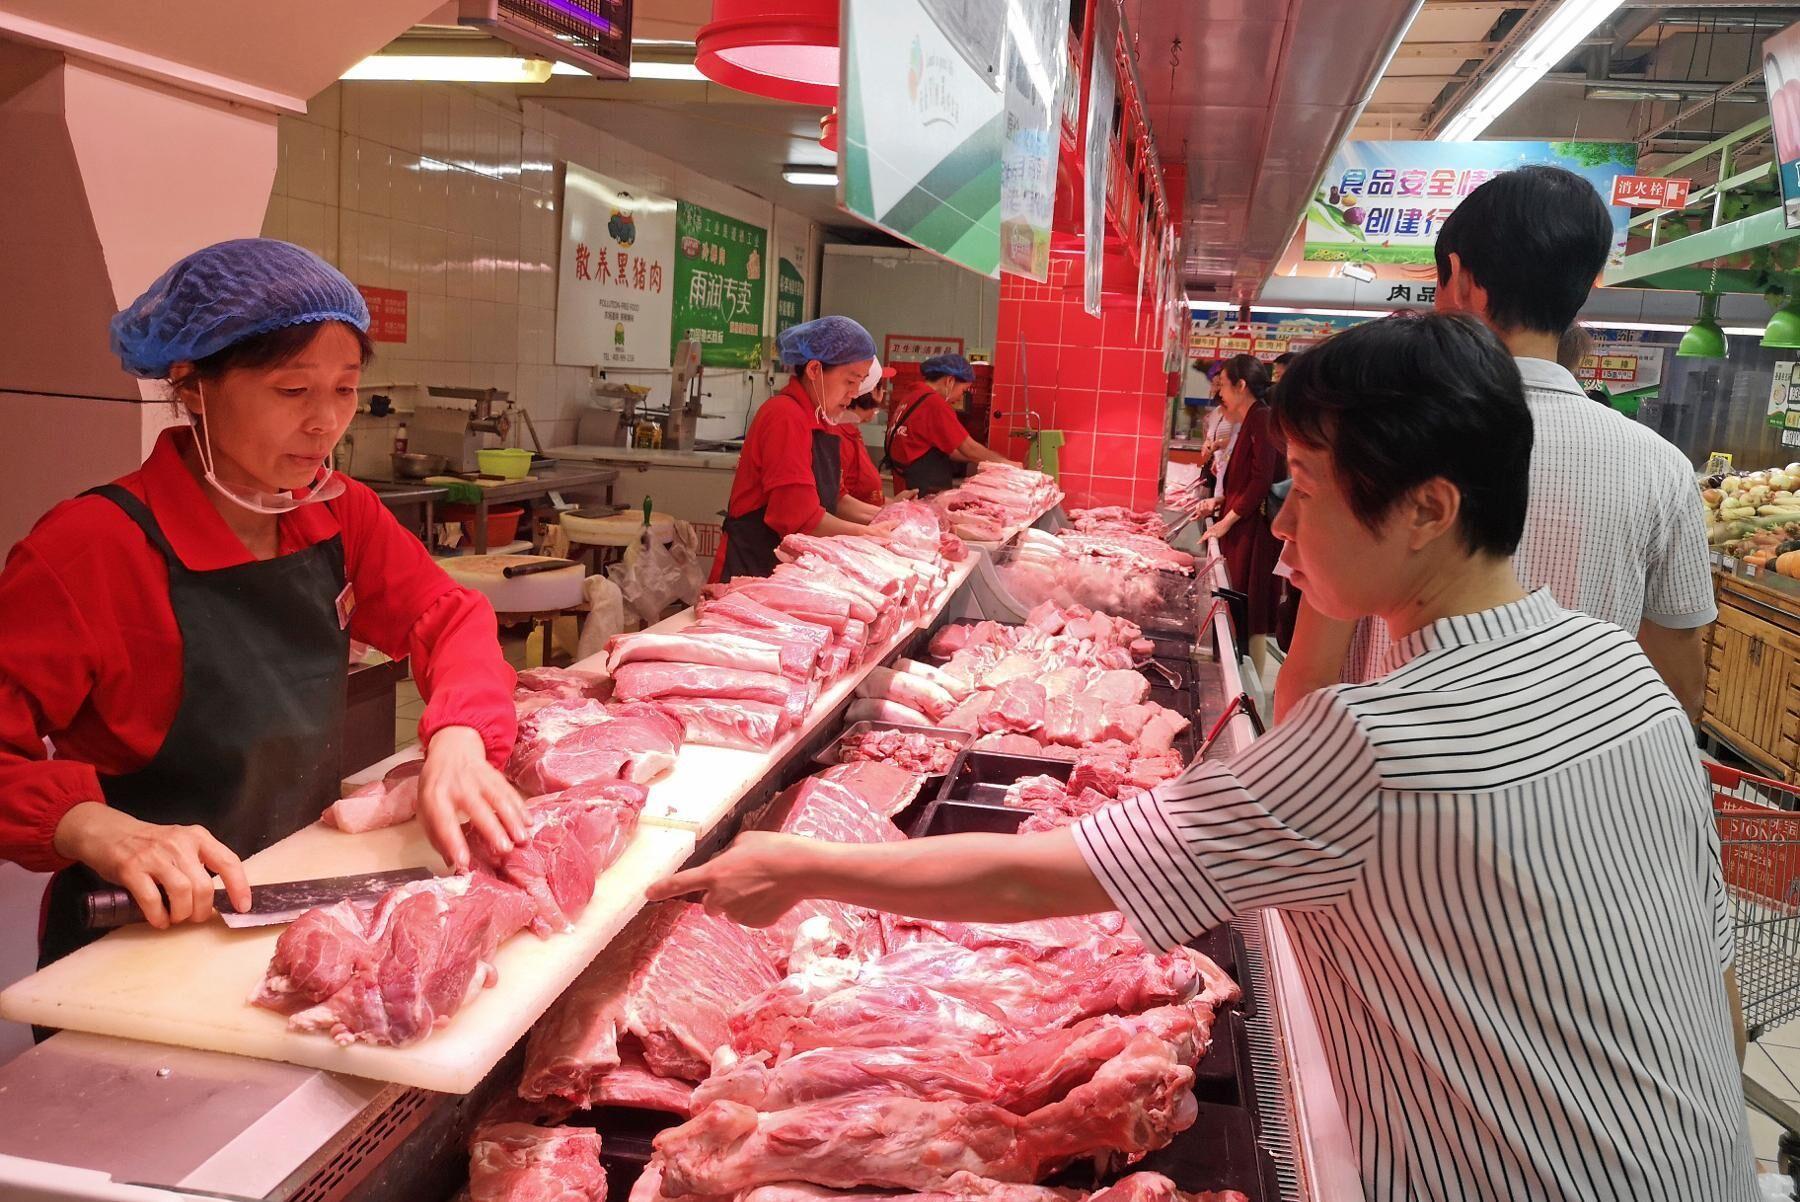 Försäljning av griskött på en marknad i Zouping, östra Kina.